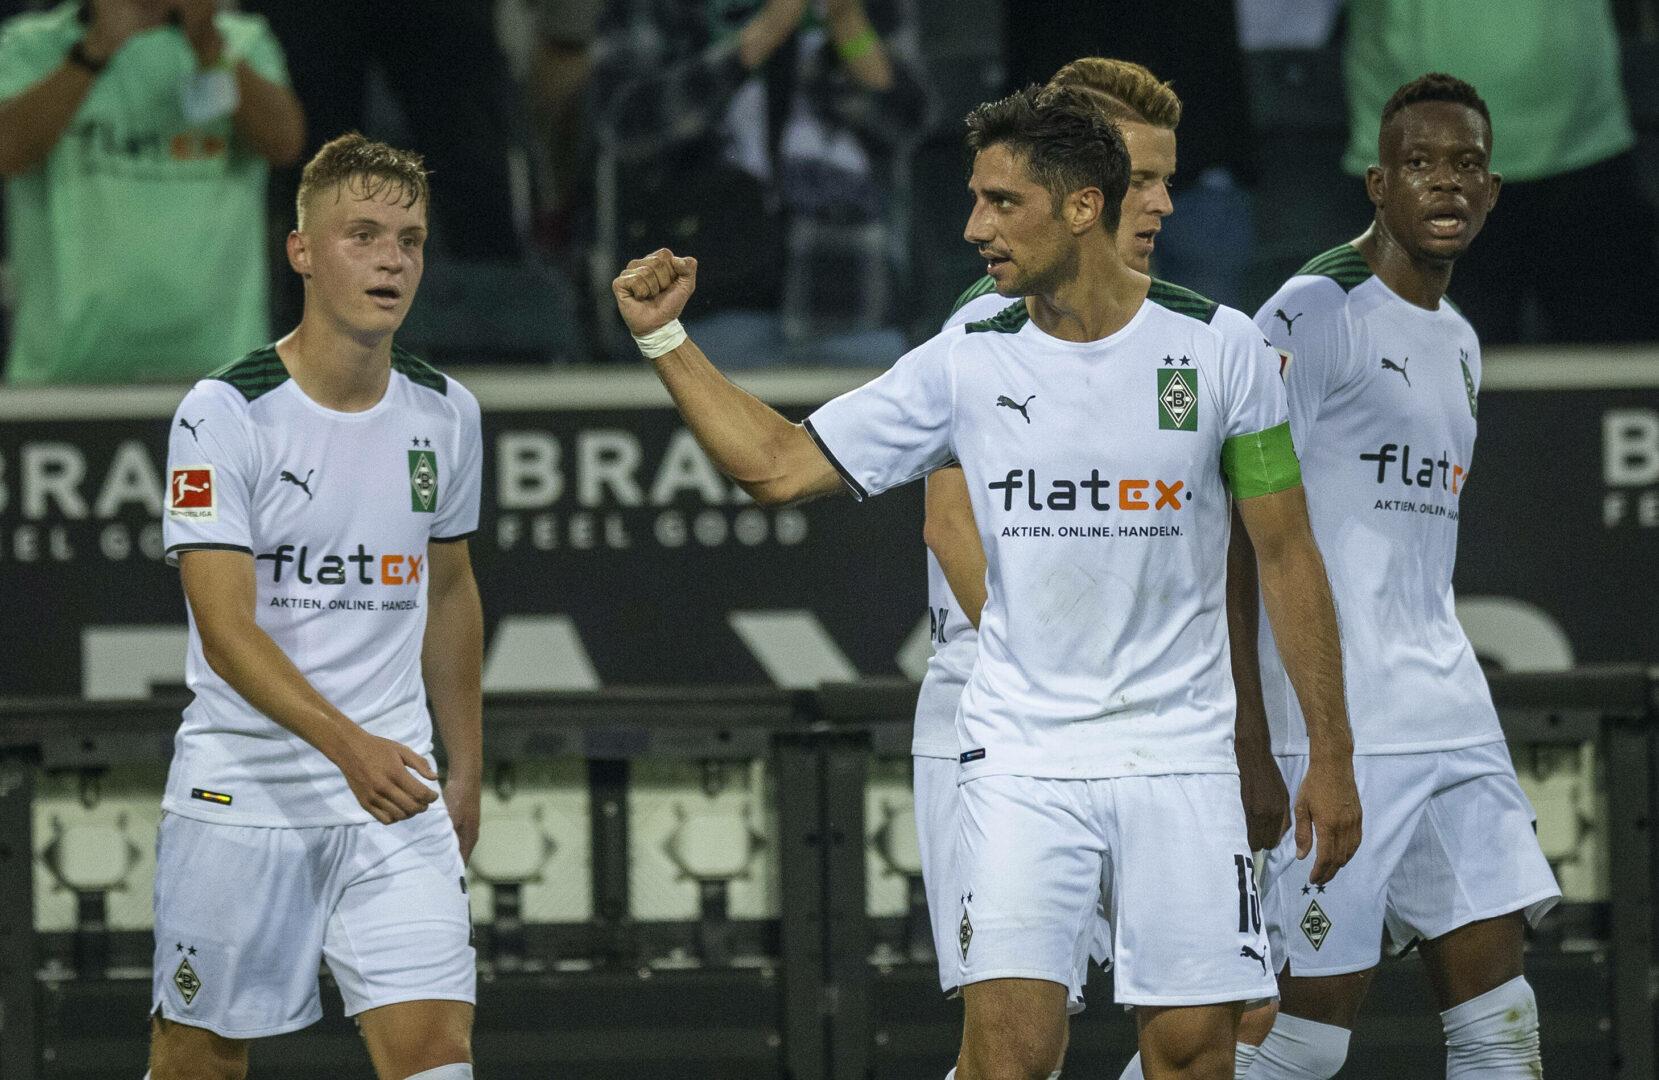 Lars Spindel bejubelt seinen Treffer für Borussia Mönchengladbach.